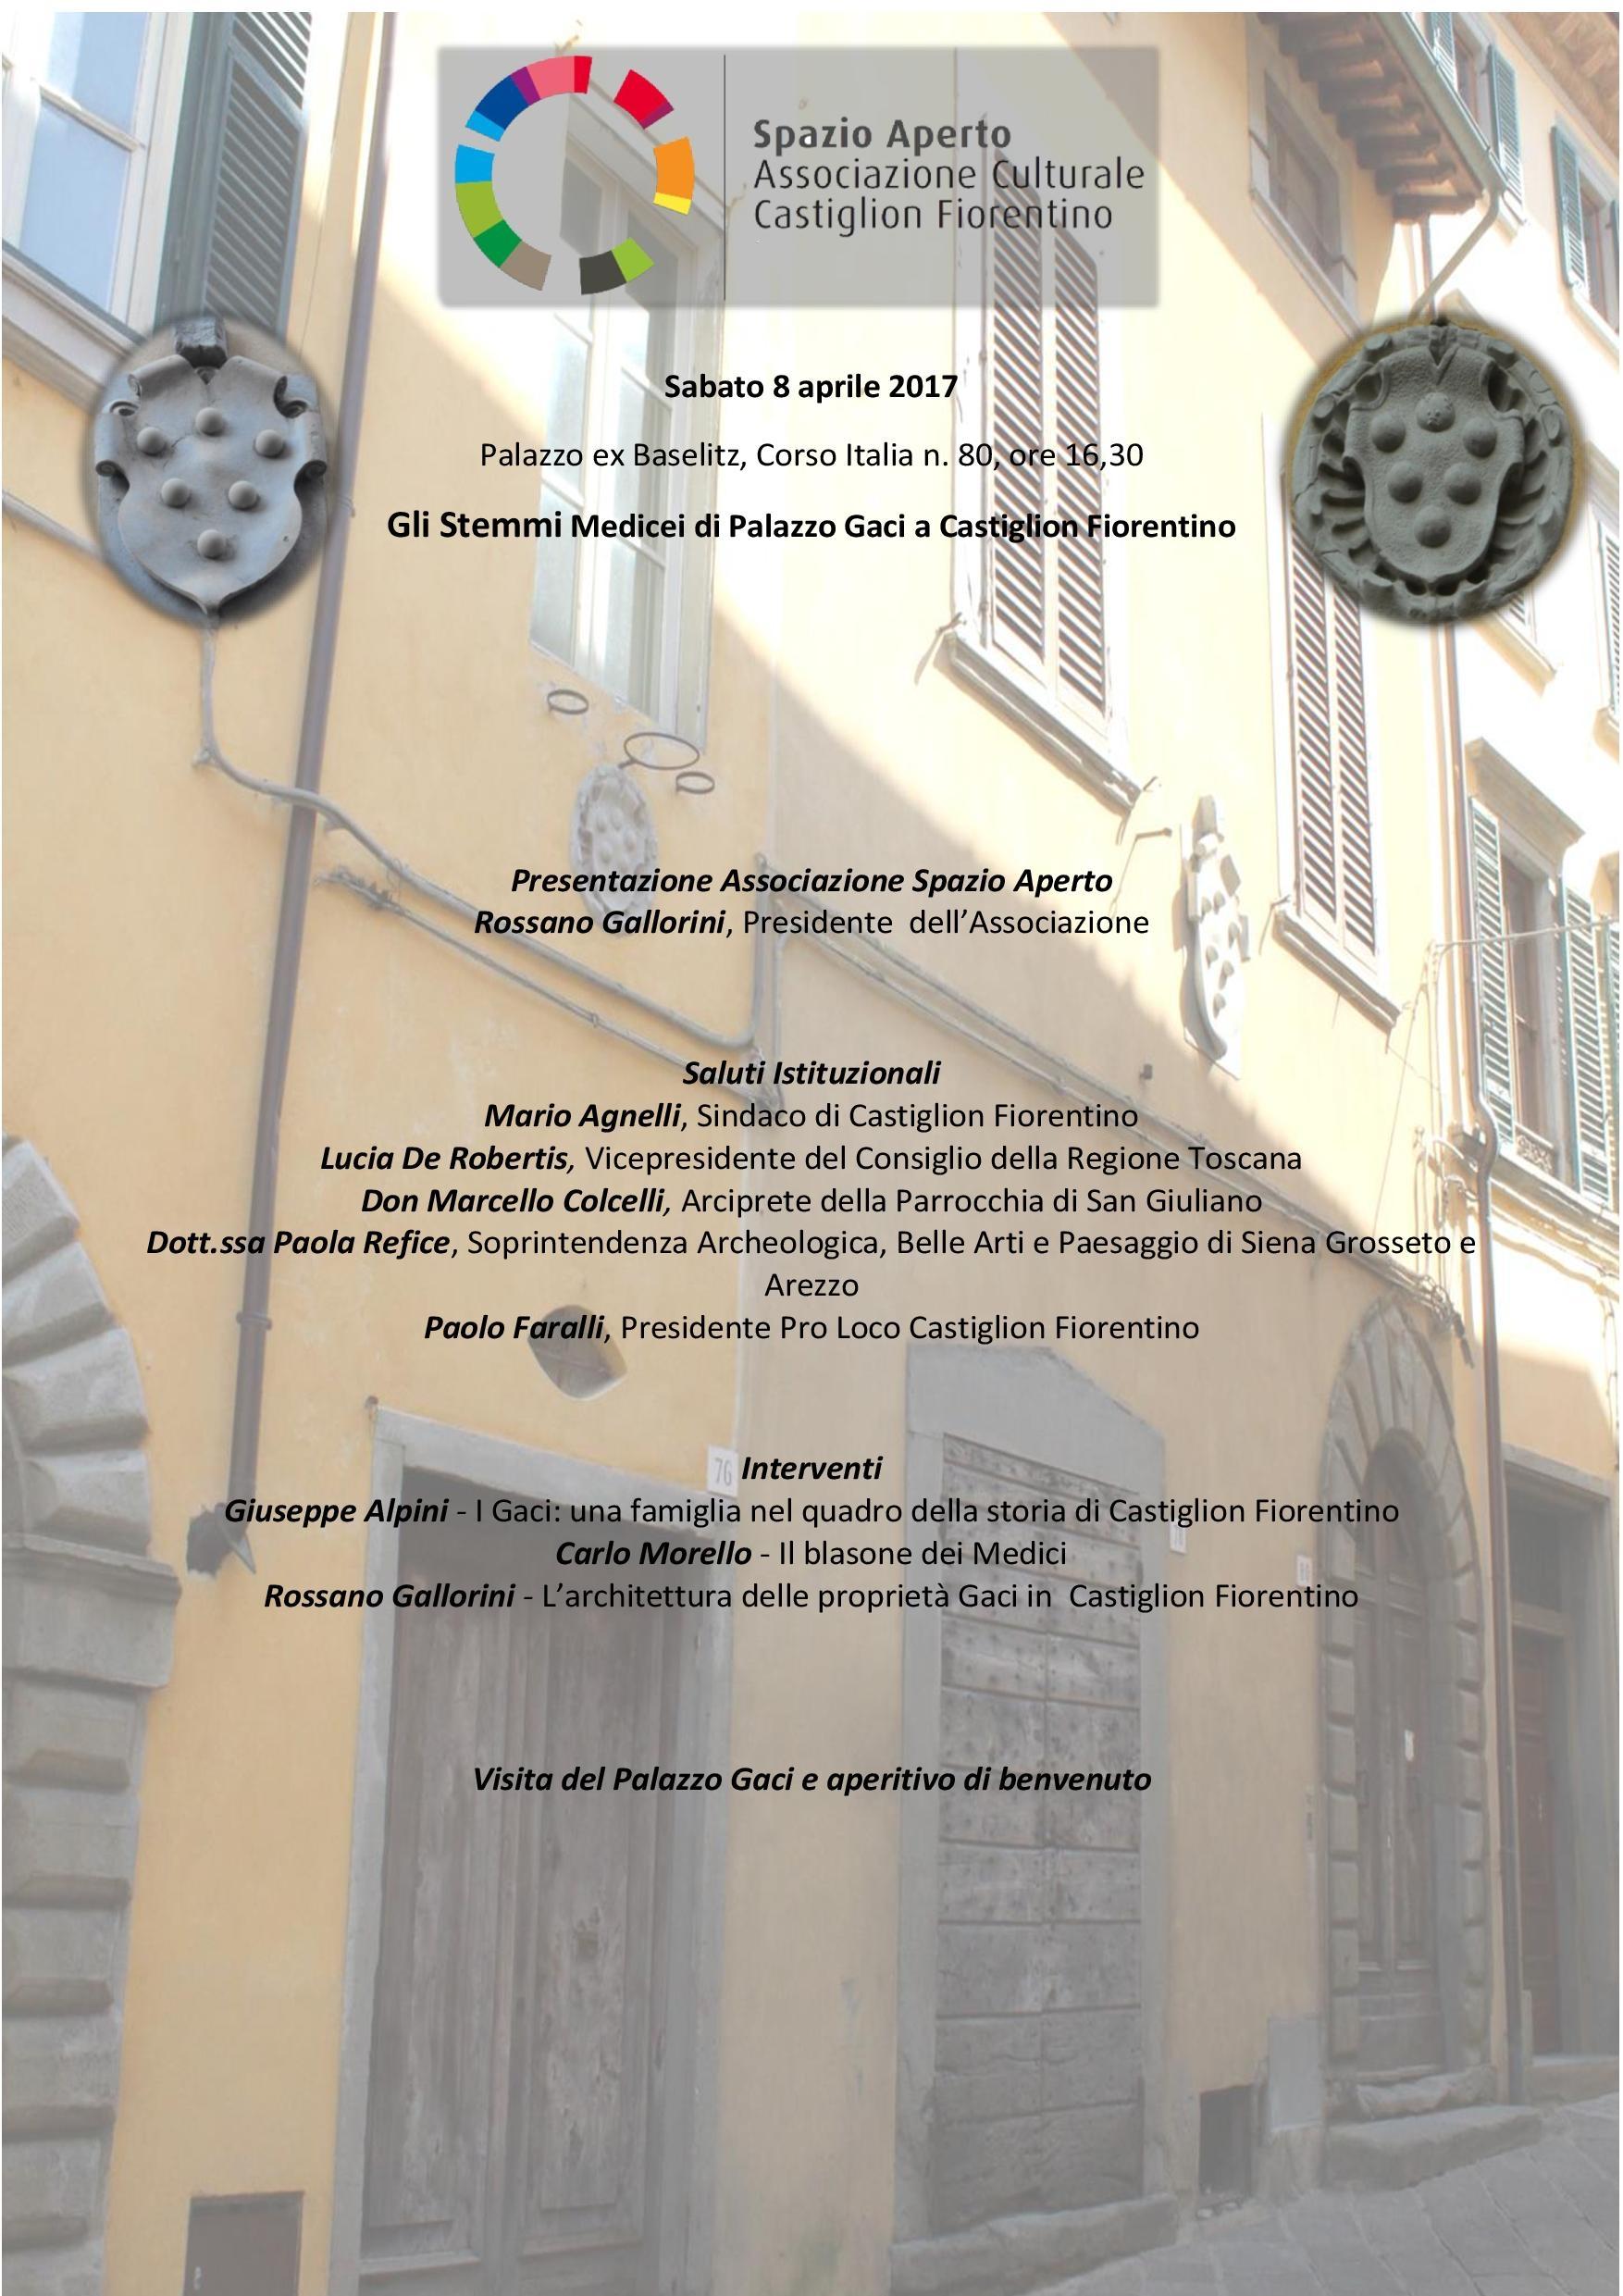 Nasce a Castiglion Fiorentino l'Associazione Culturale 'Spazio Aperto'